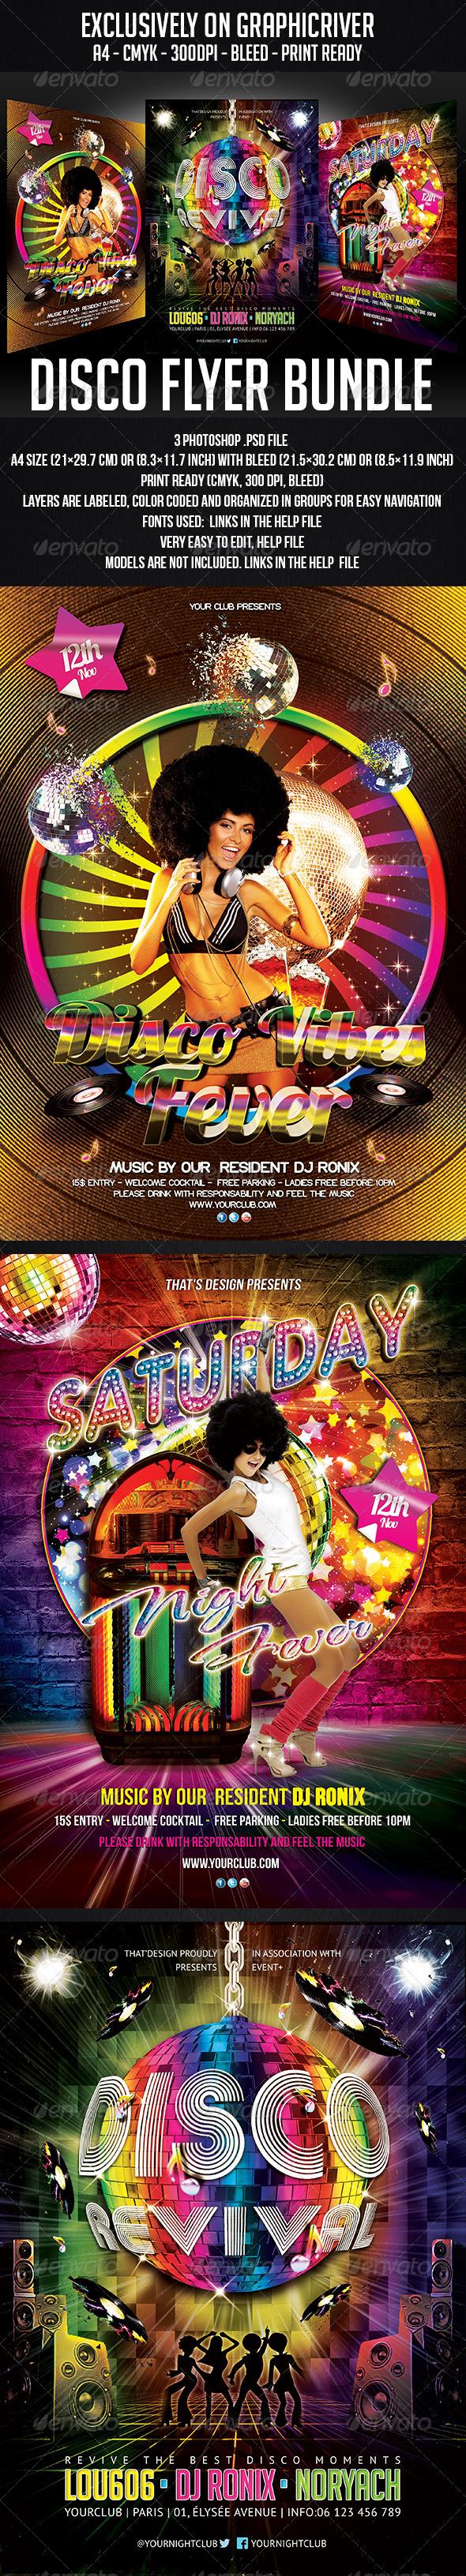 GraphicRiver Disco Flyer Bundle 6257096